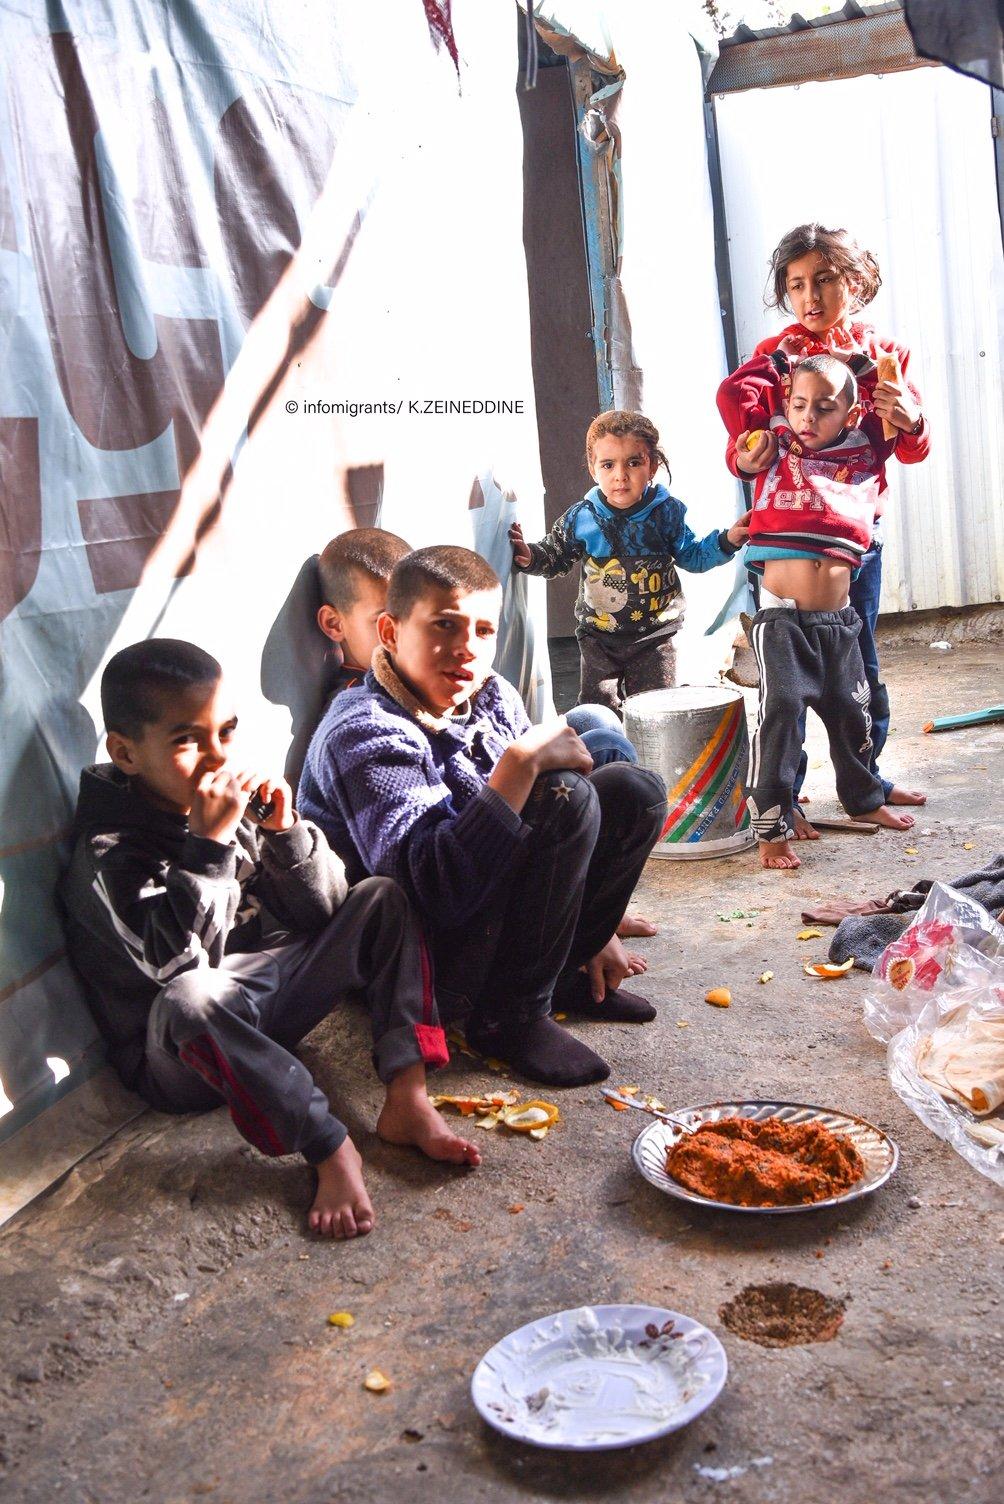 يتناولون الغذاء في خيمة أرضيتها من الطين، والمياه حاضرة فيها. وفي عمق الصورة طفل يعاني من الشلل الدماغي.